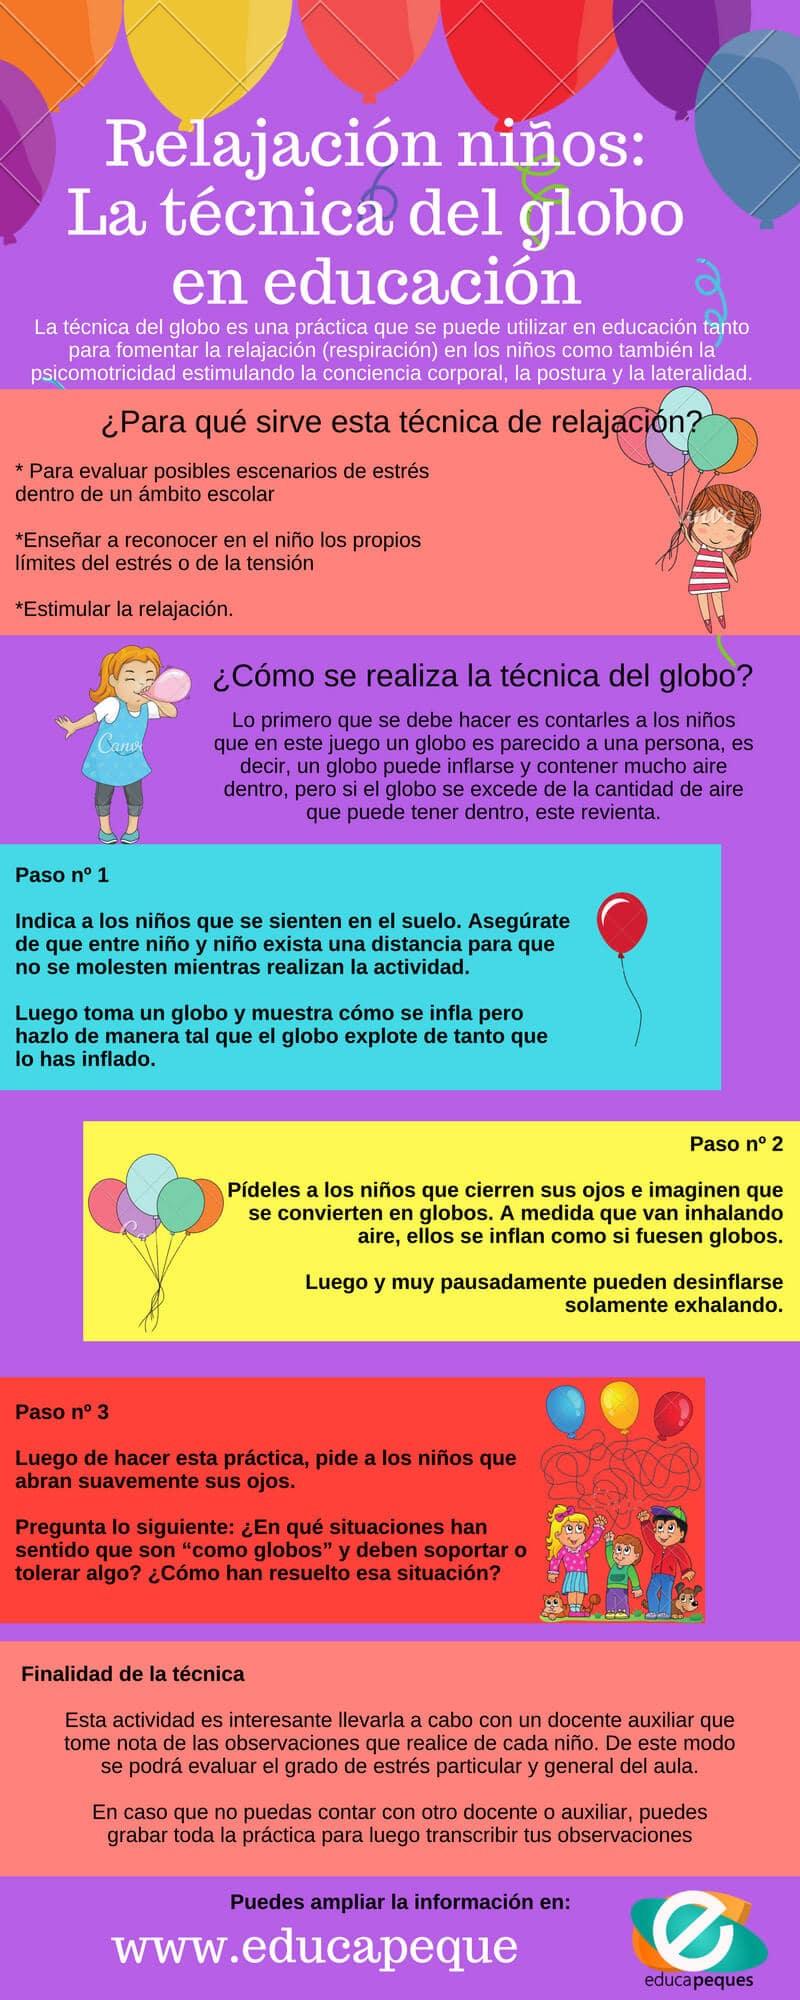 Relajación niños: La técnica del globo en educación